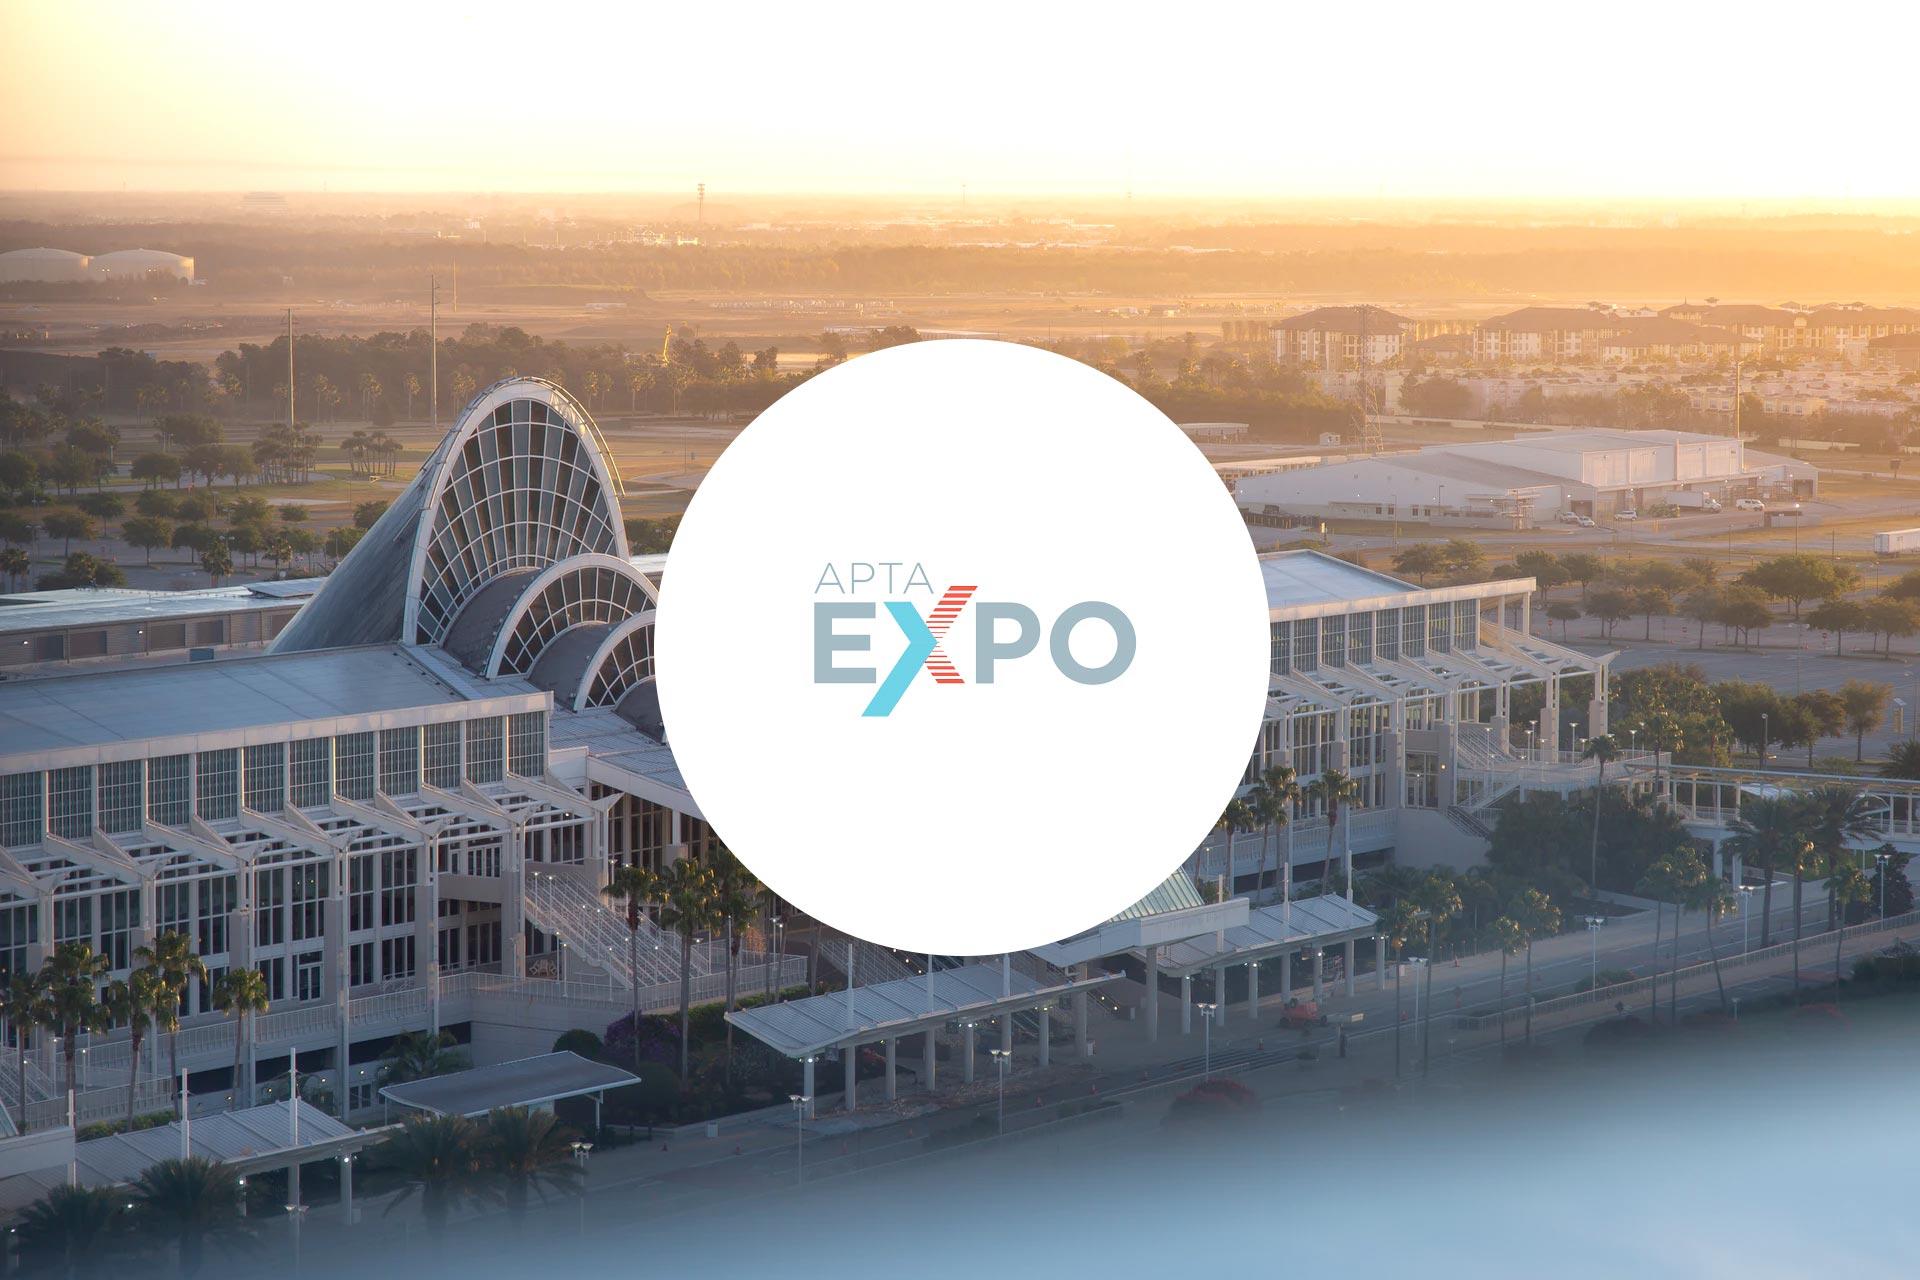 APTA TRANSform Conference & Expo